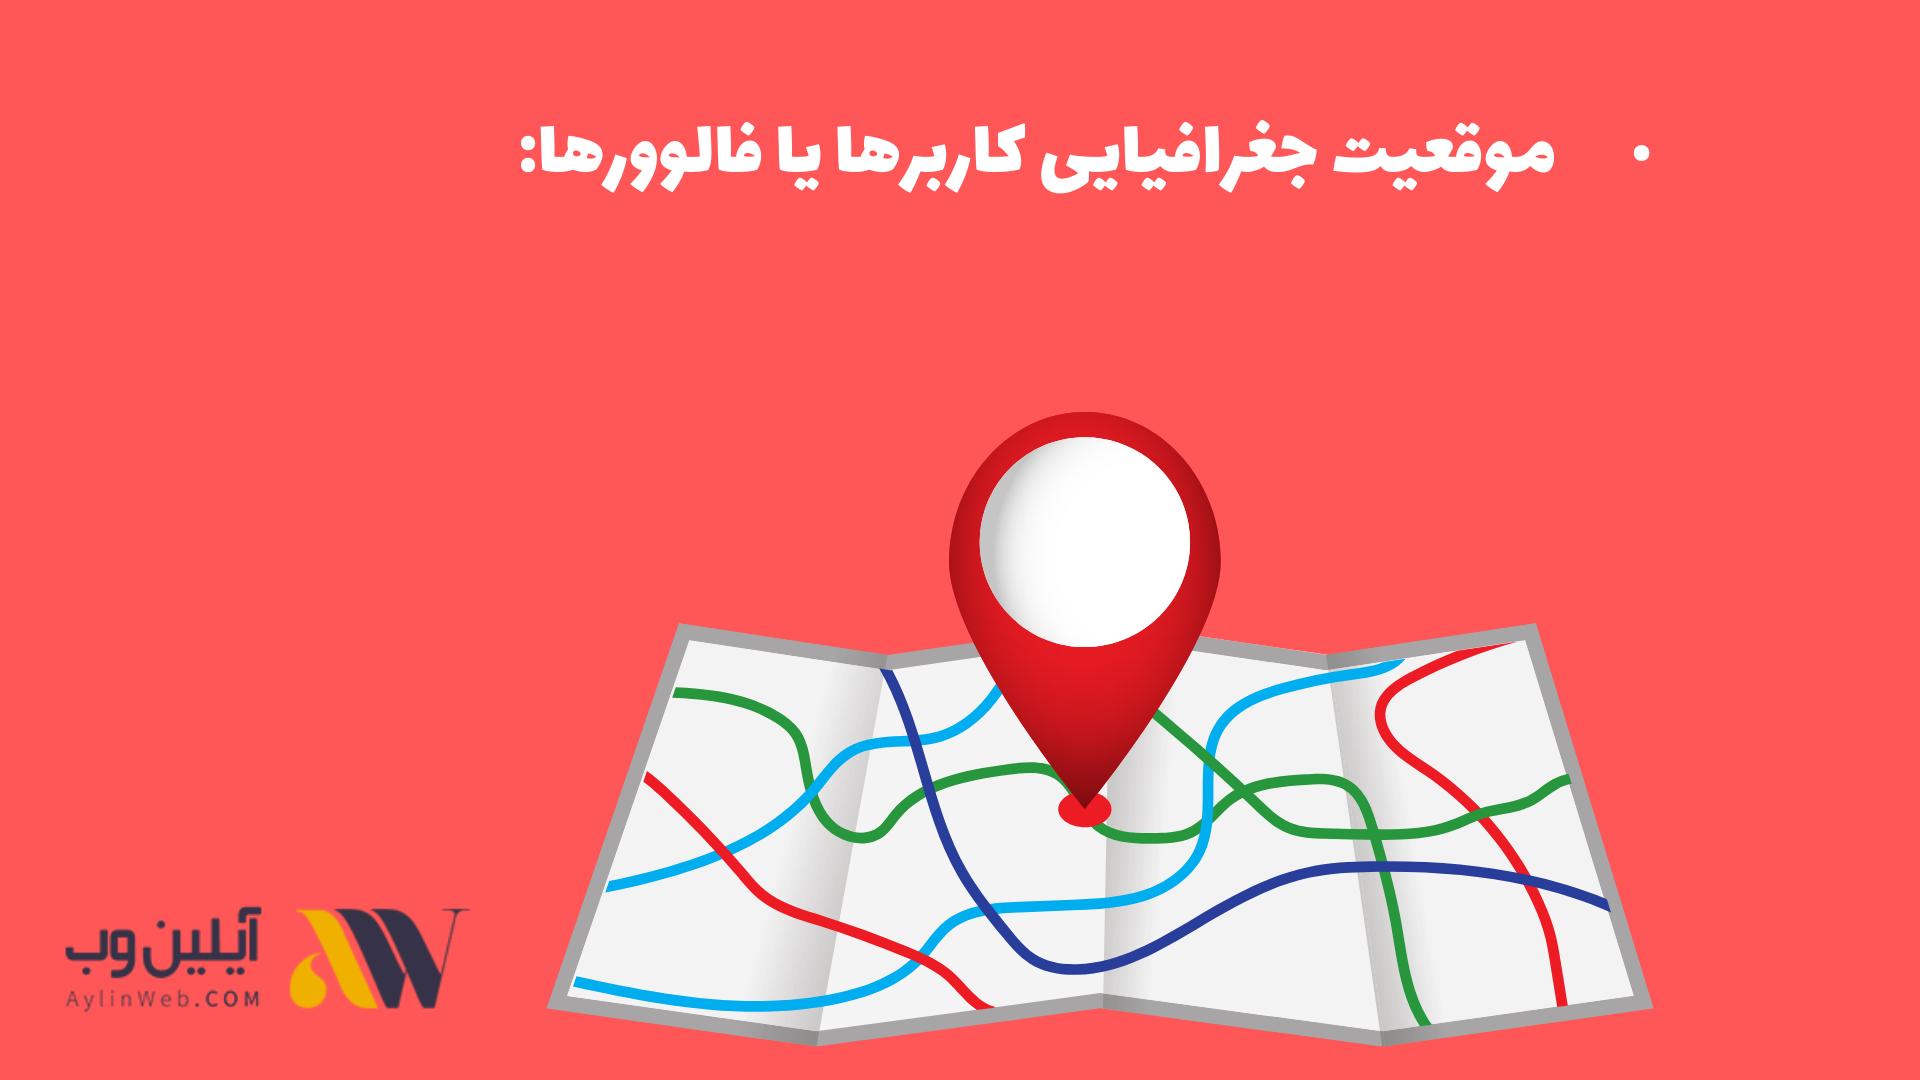 موقعیت جغرافیایی کاربرها یا فالوورها: